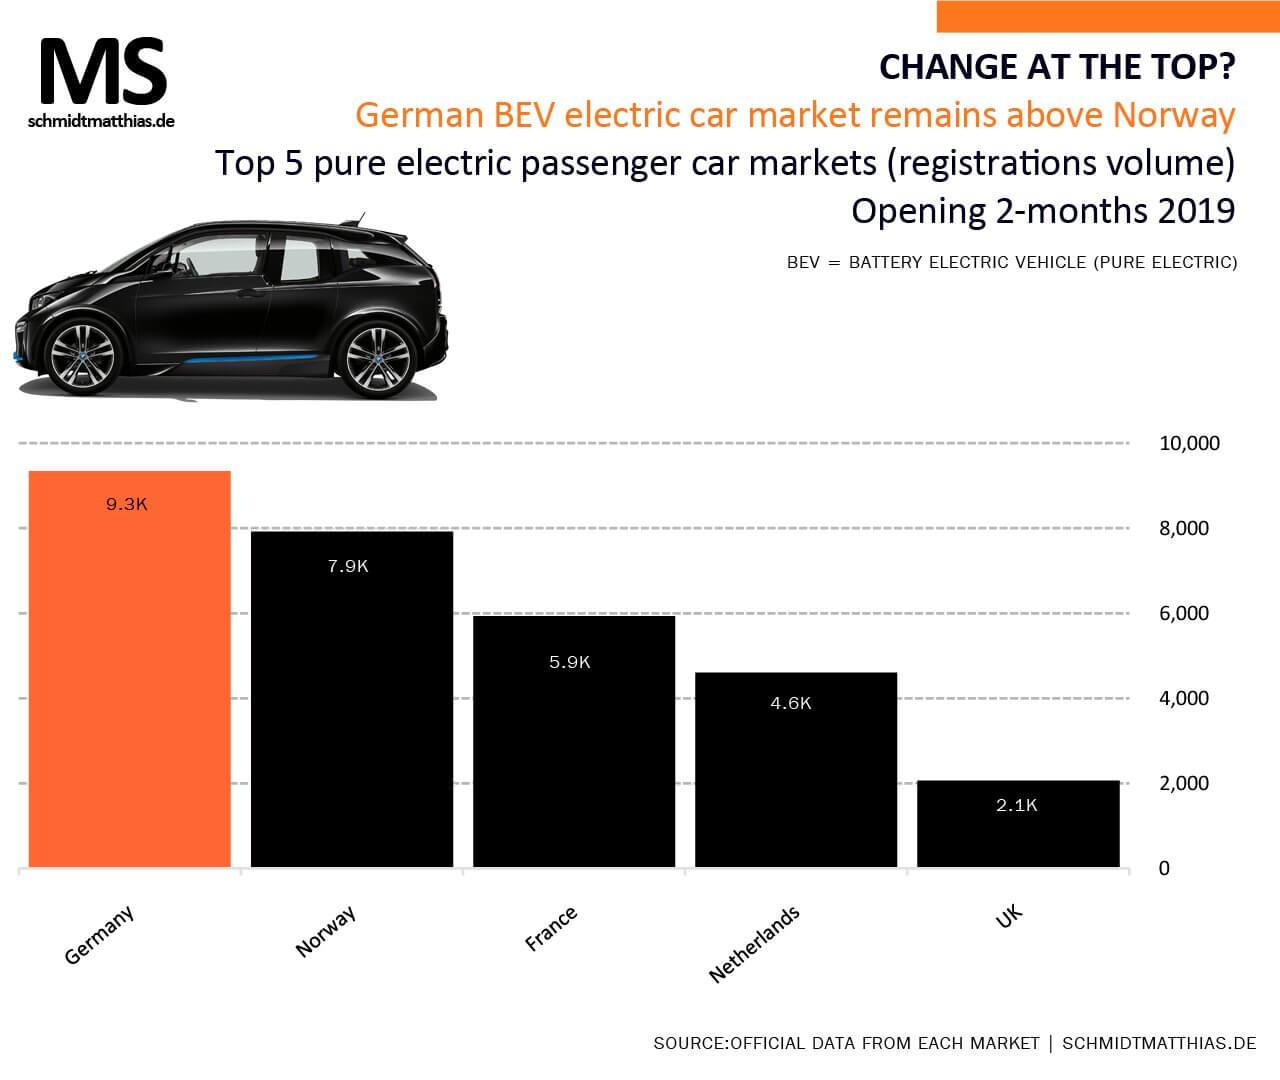 ТОП-5 европейских стран поколичеству продаж электромобилей за2 месяца 2019 года